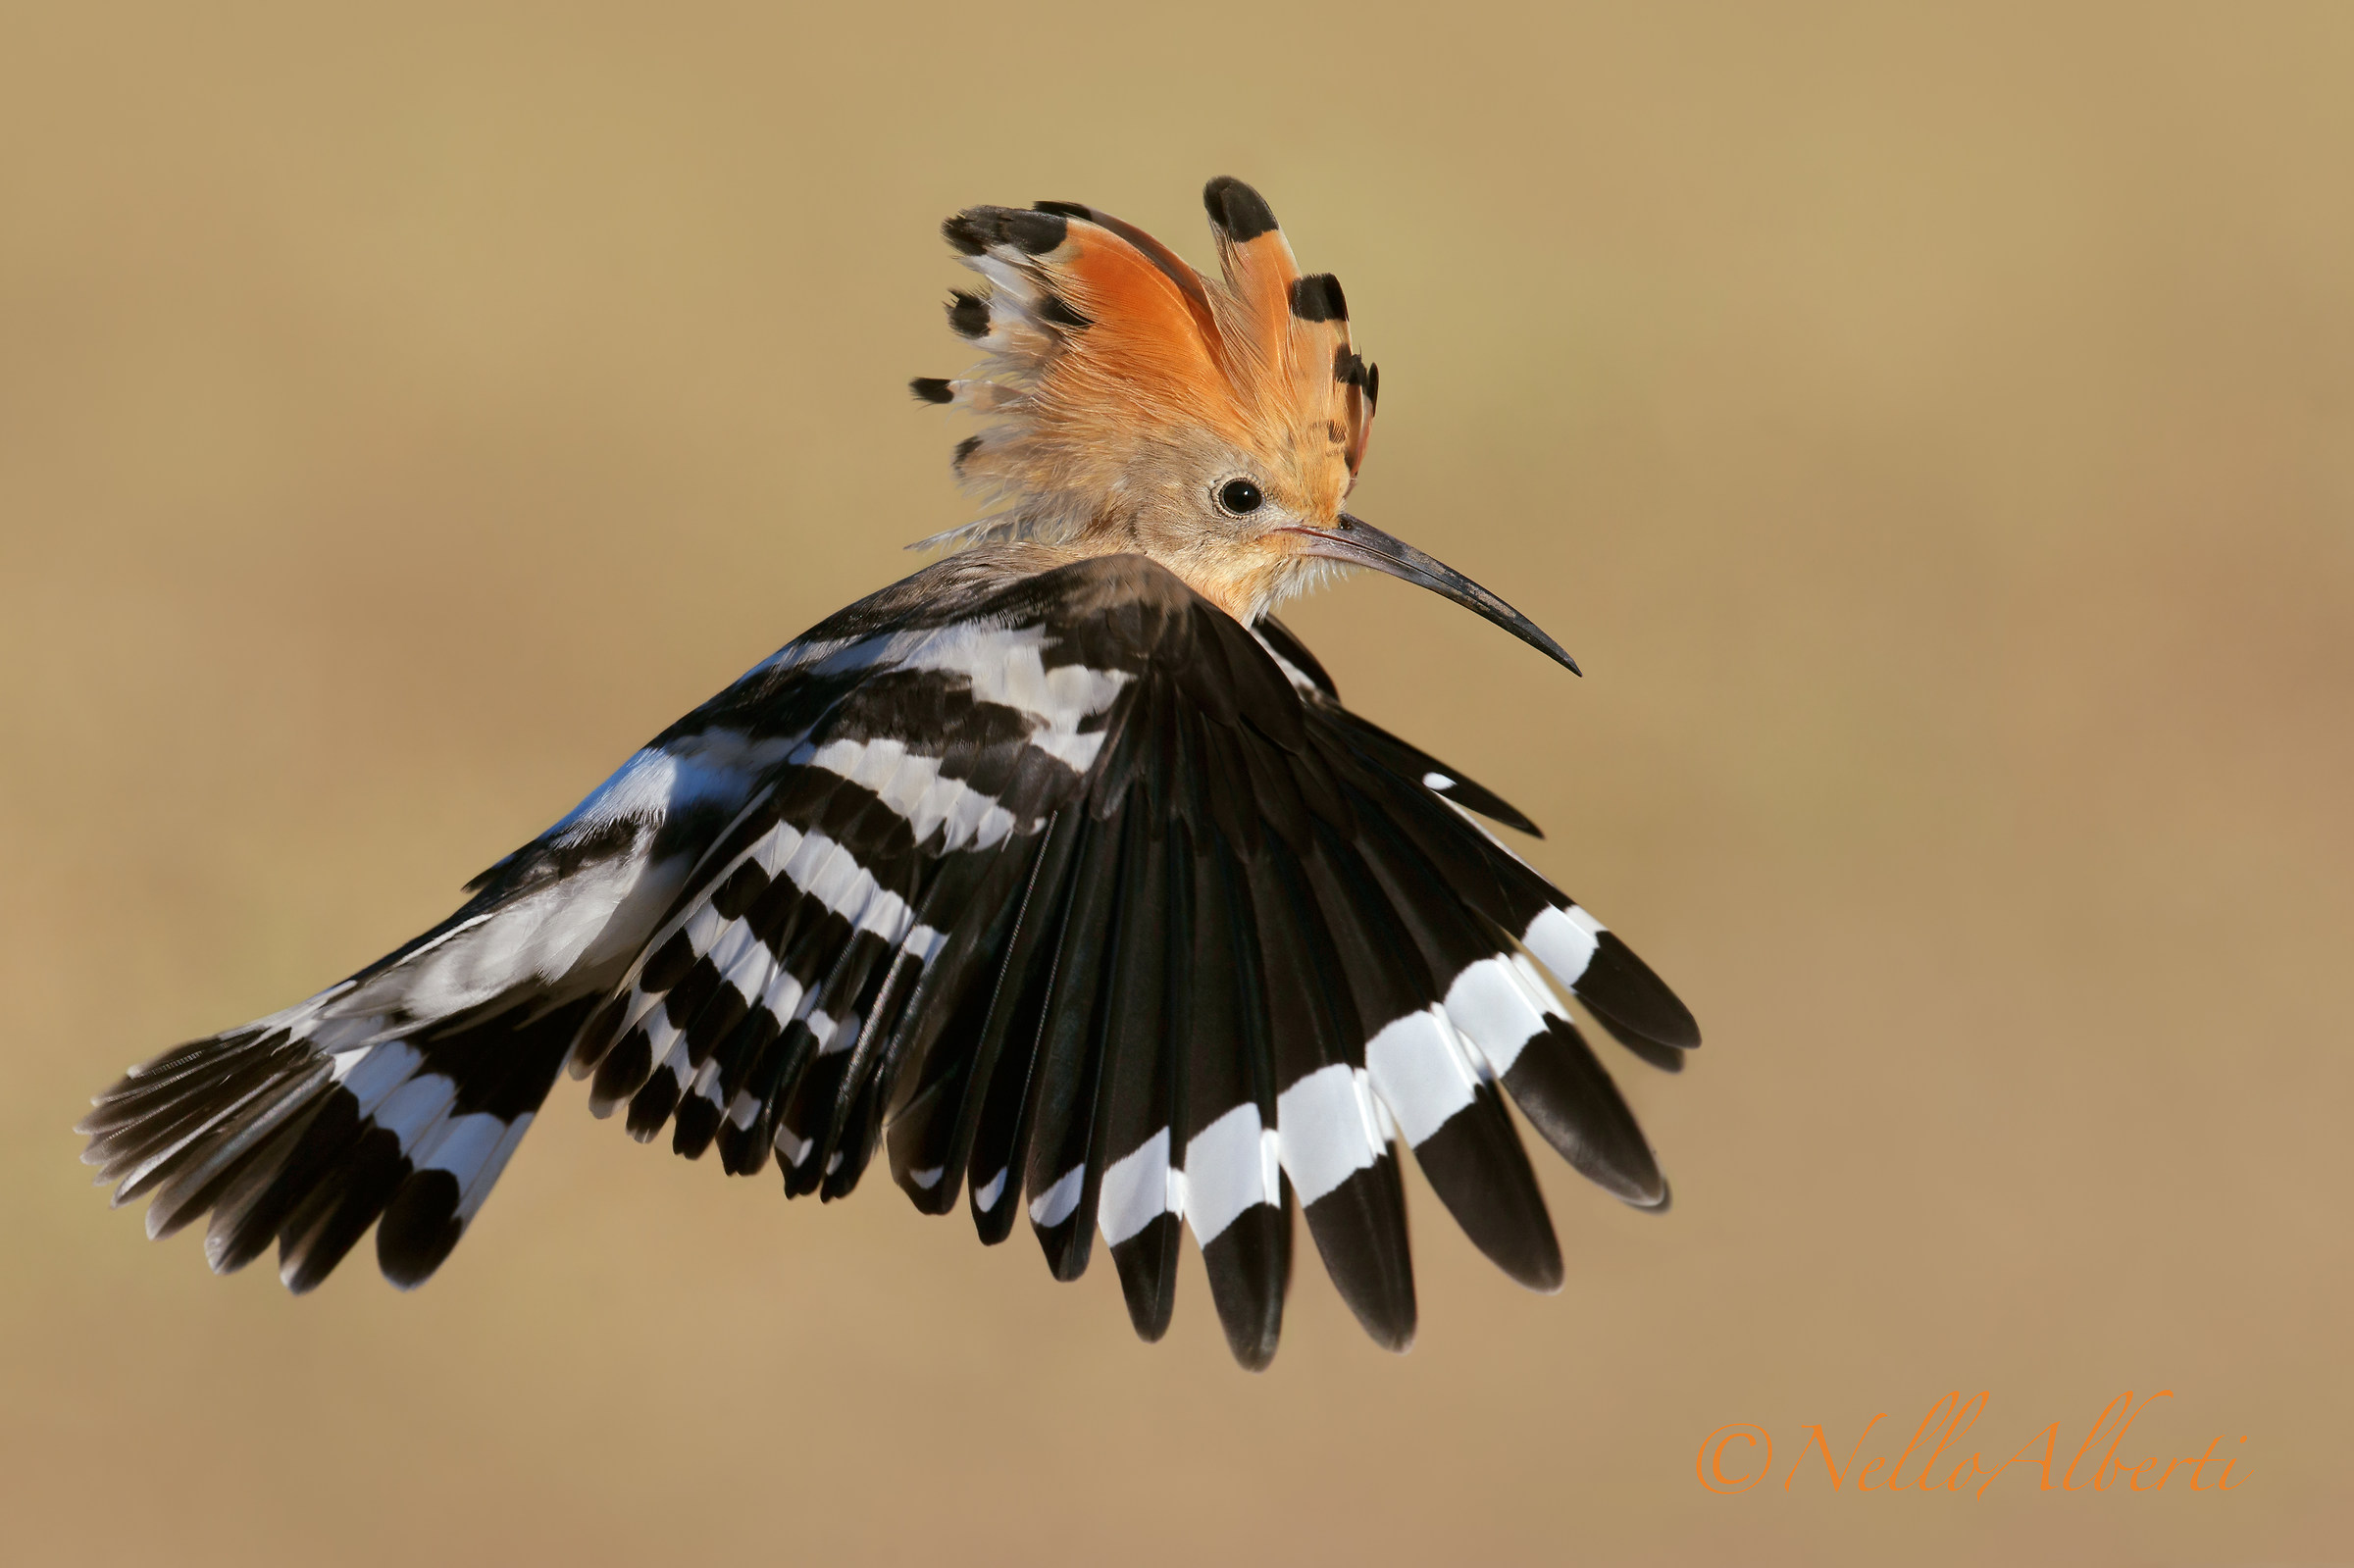 Flying in flight low wings...